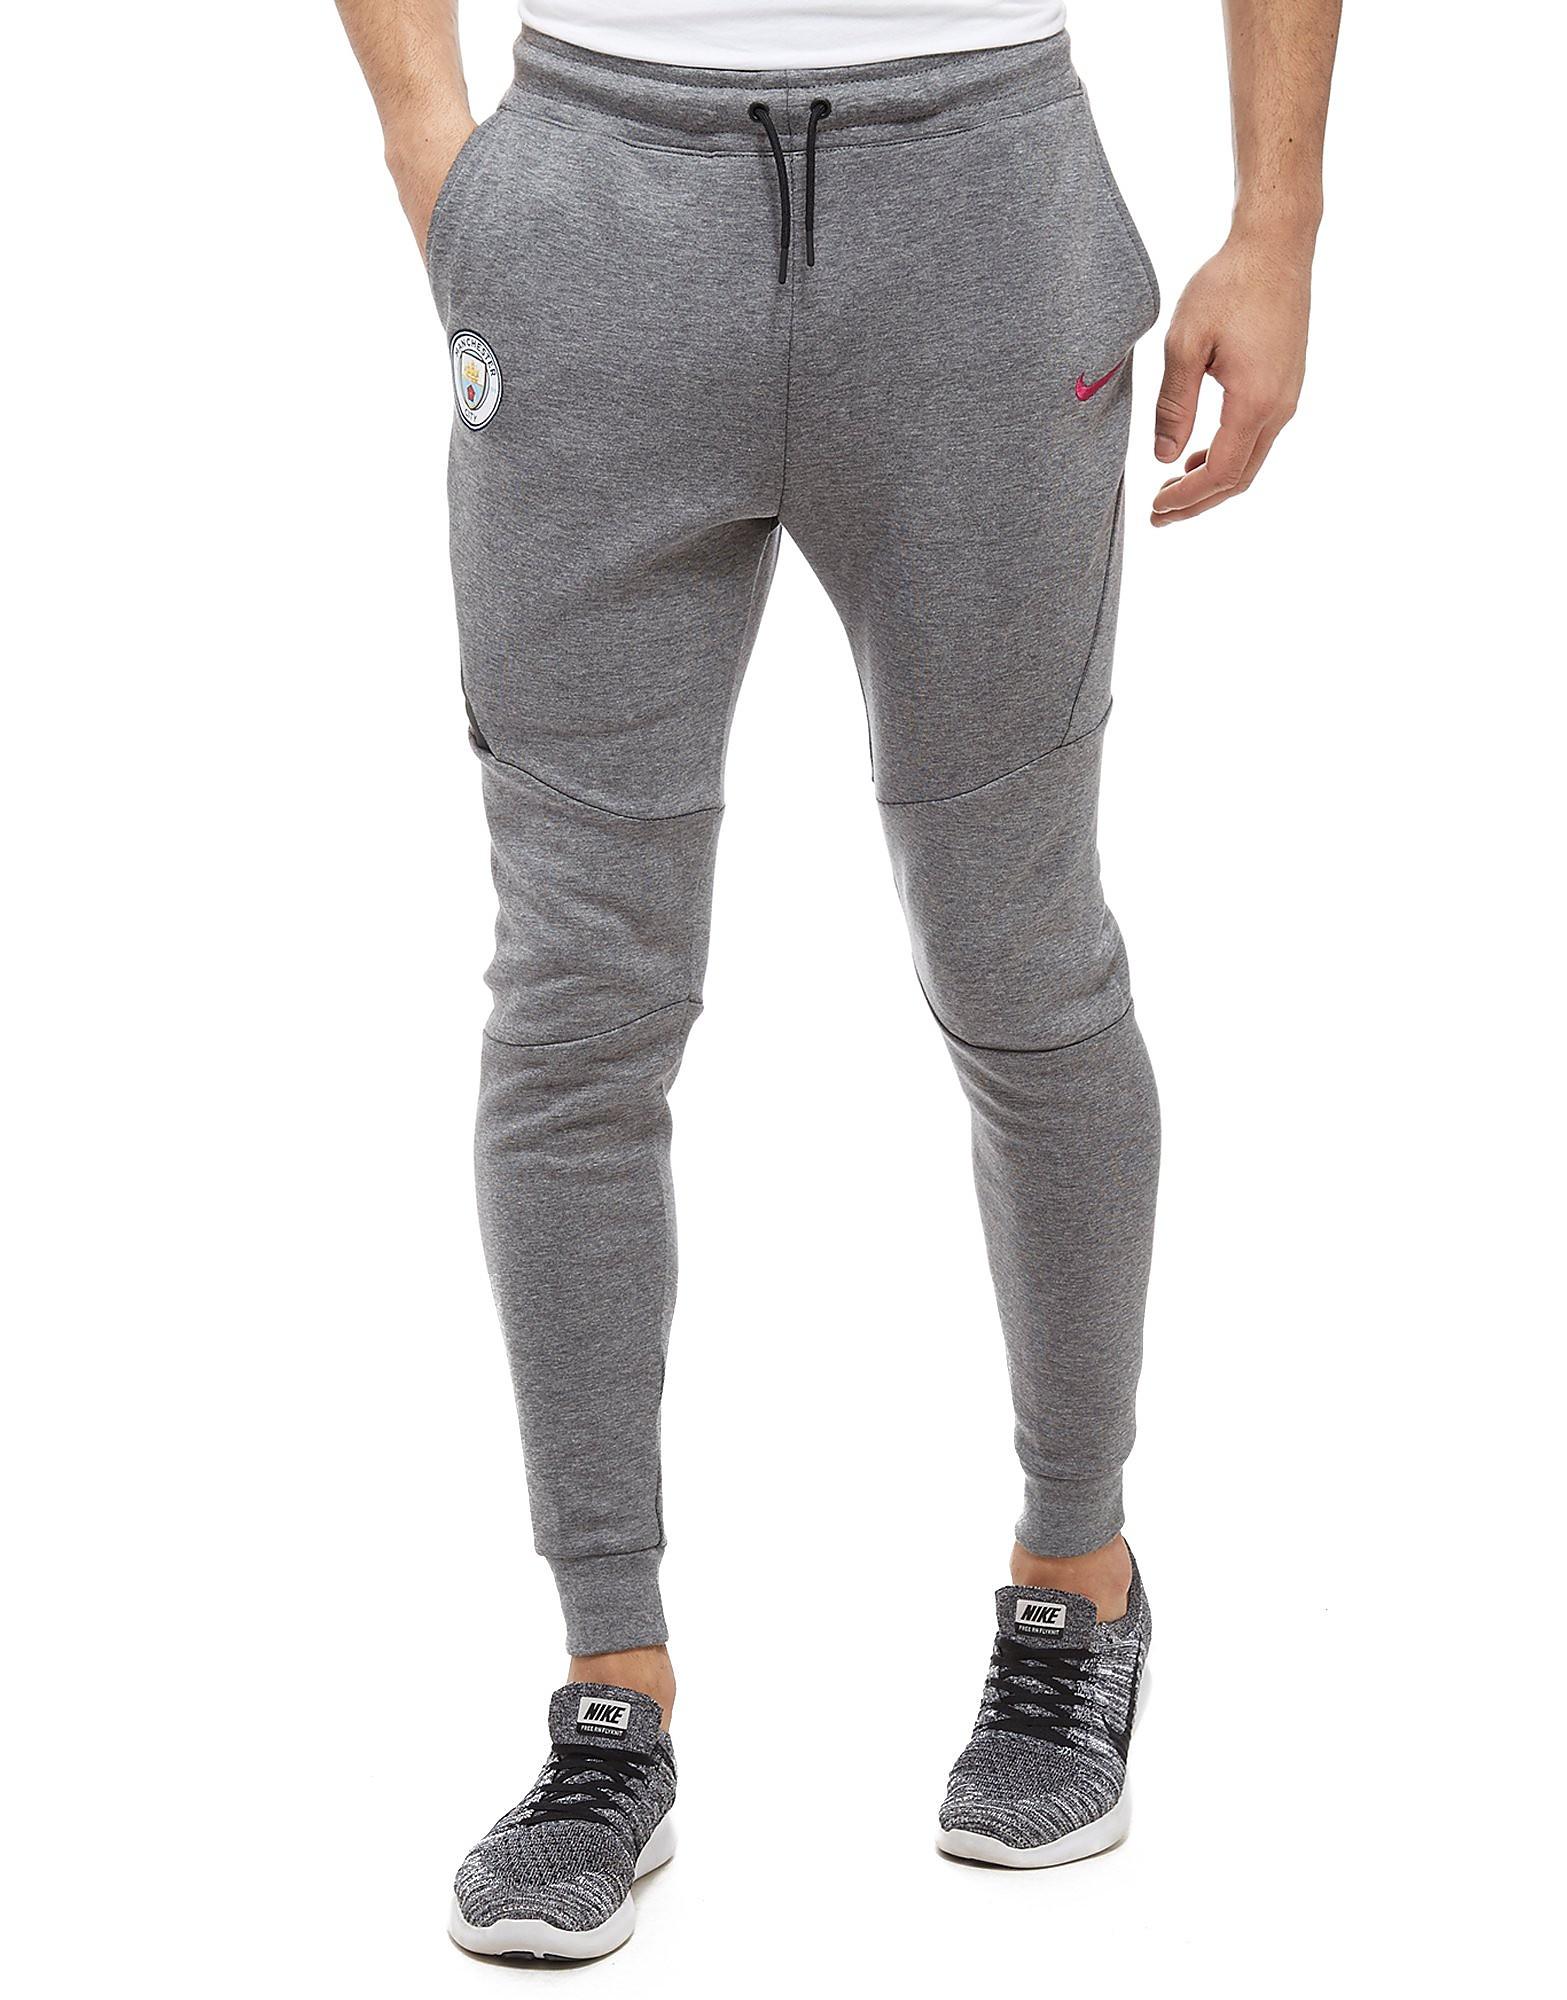 Nike Pantalon de survêtement Manchester City FC Homme - gris, gris